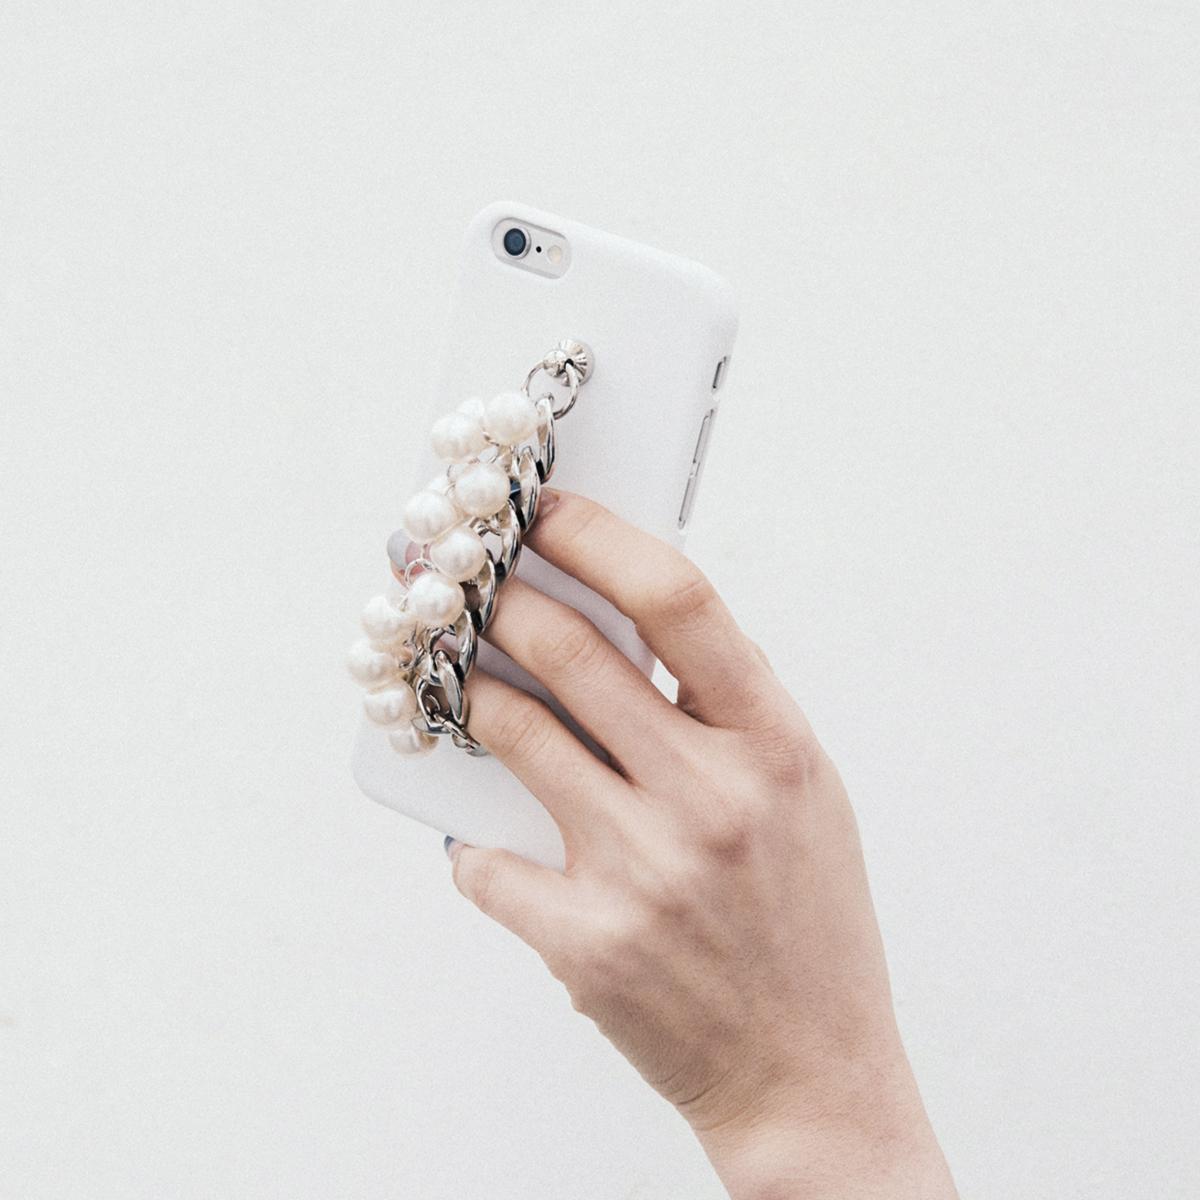 iPhone6s/6 ケース パール&チェーン カバーmidnight moment x abbi (ミッドナイトモーメント アビィ)アイフォン